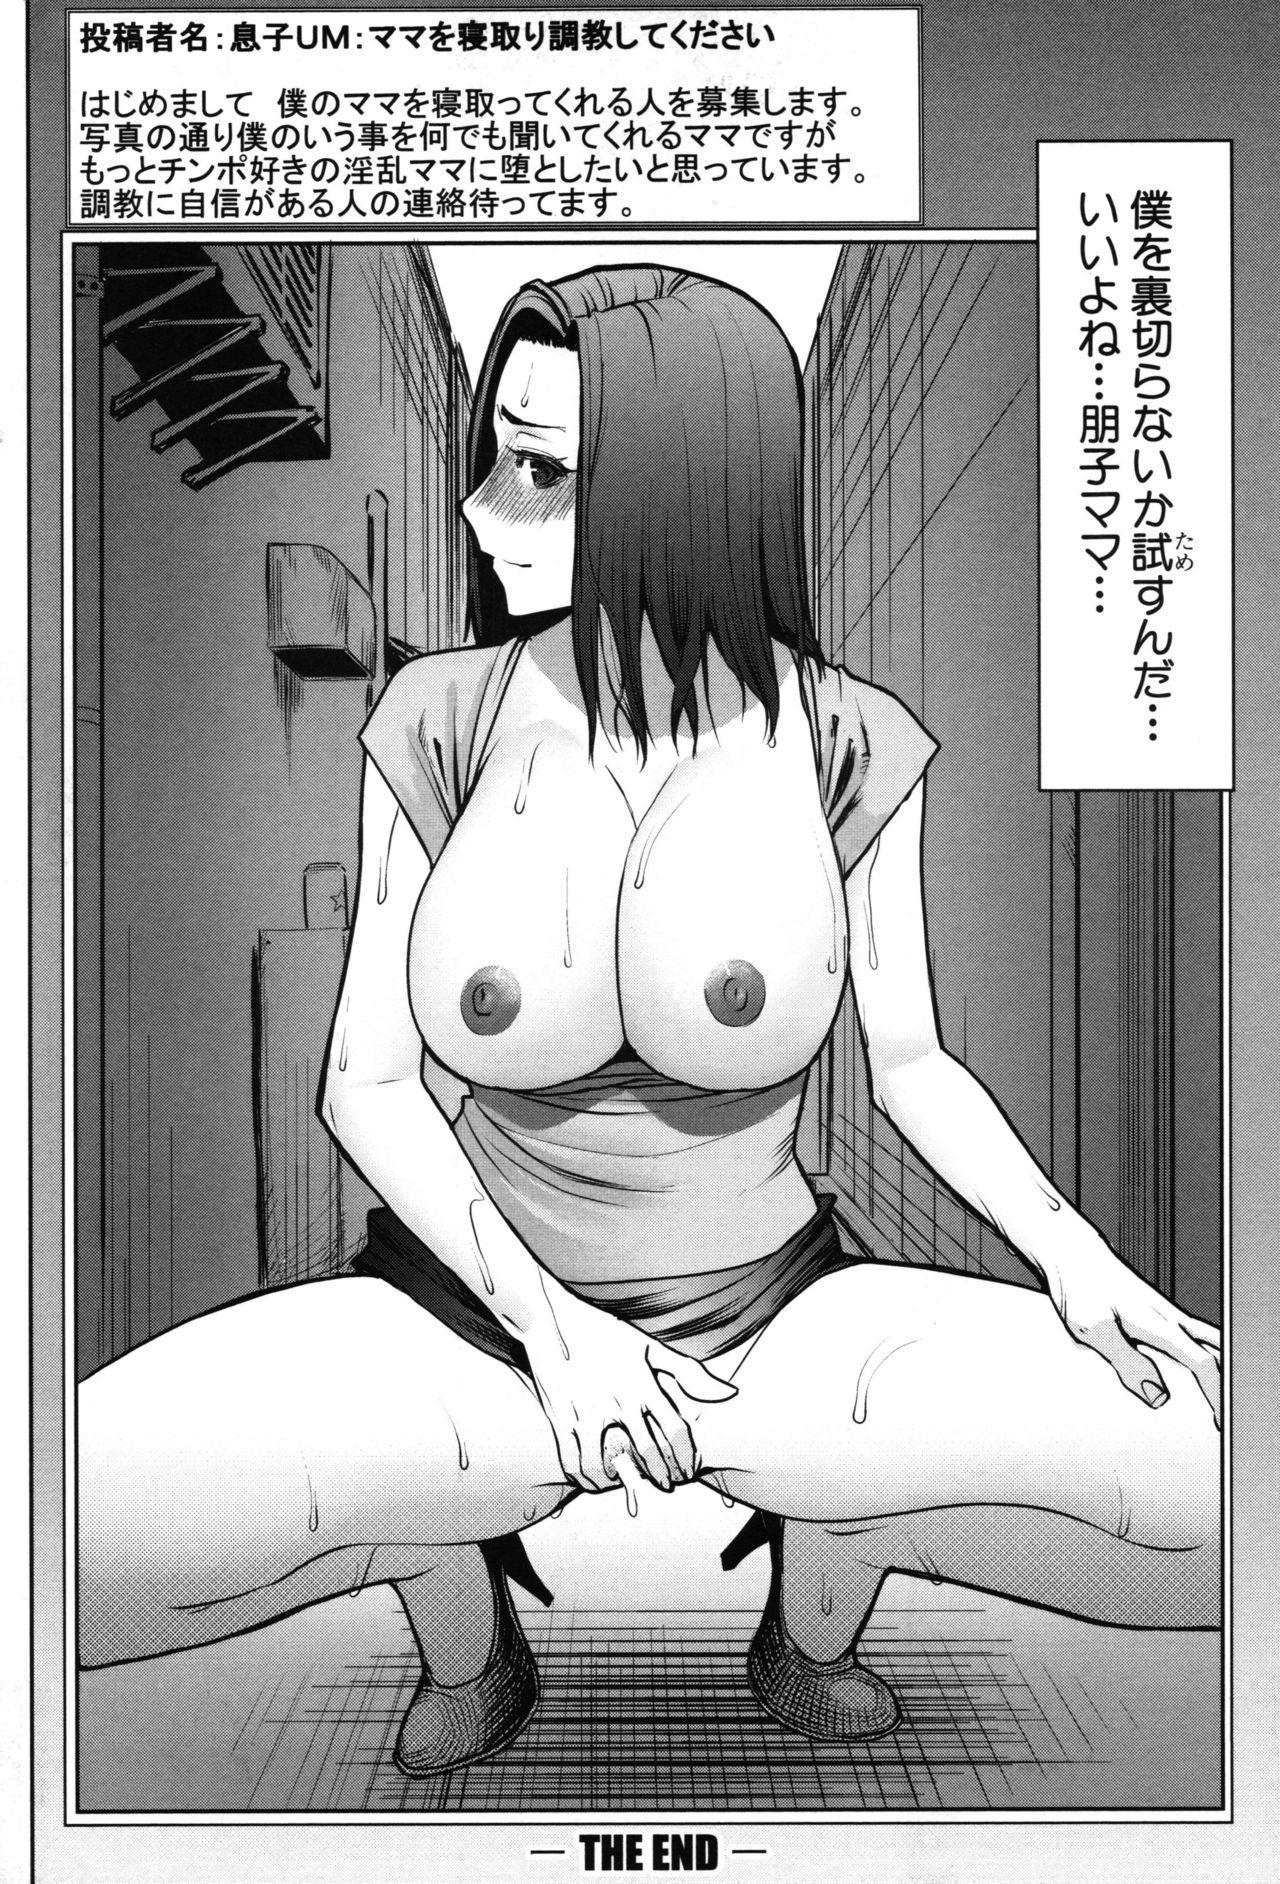 Unsweet - Asahina Ikka Netorareta Haha · Tomoko 193